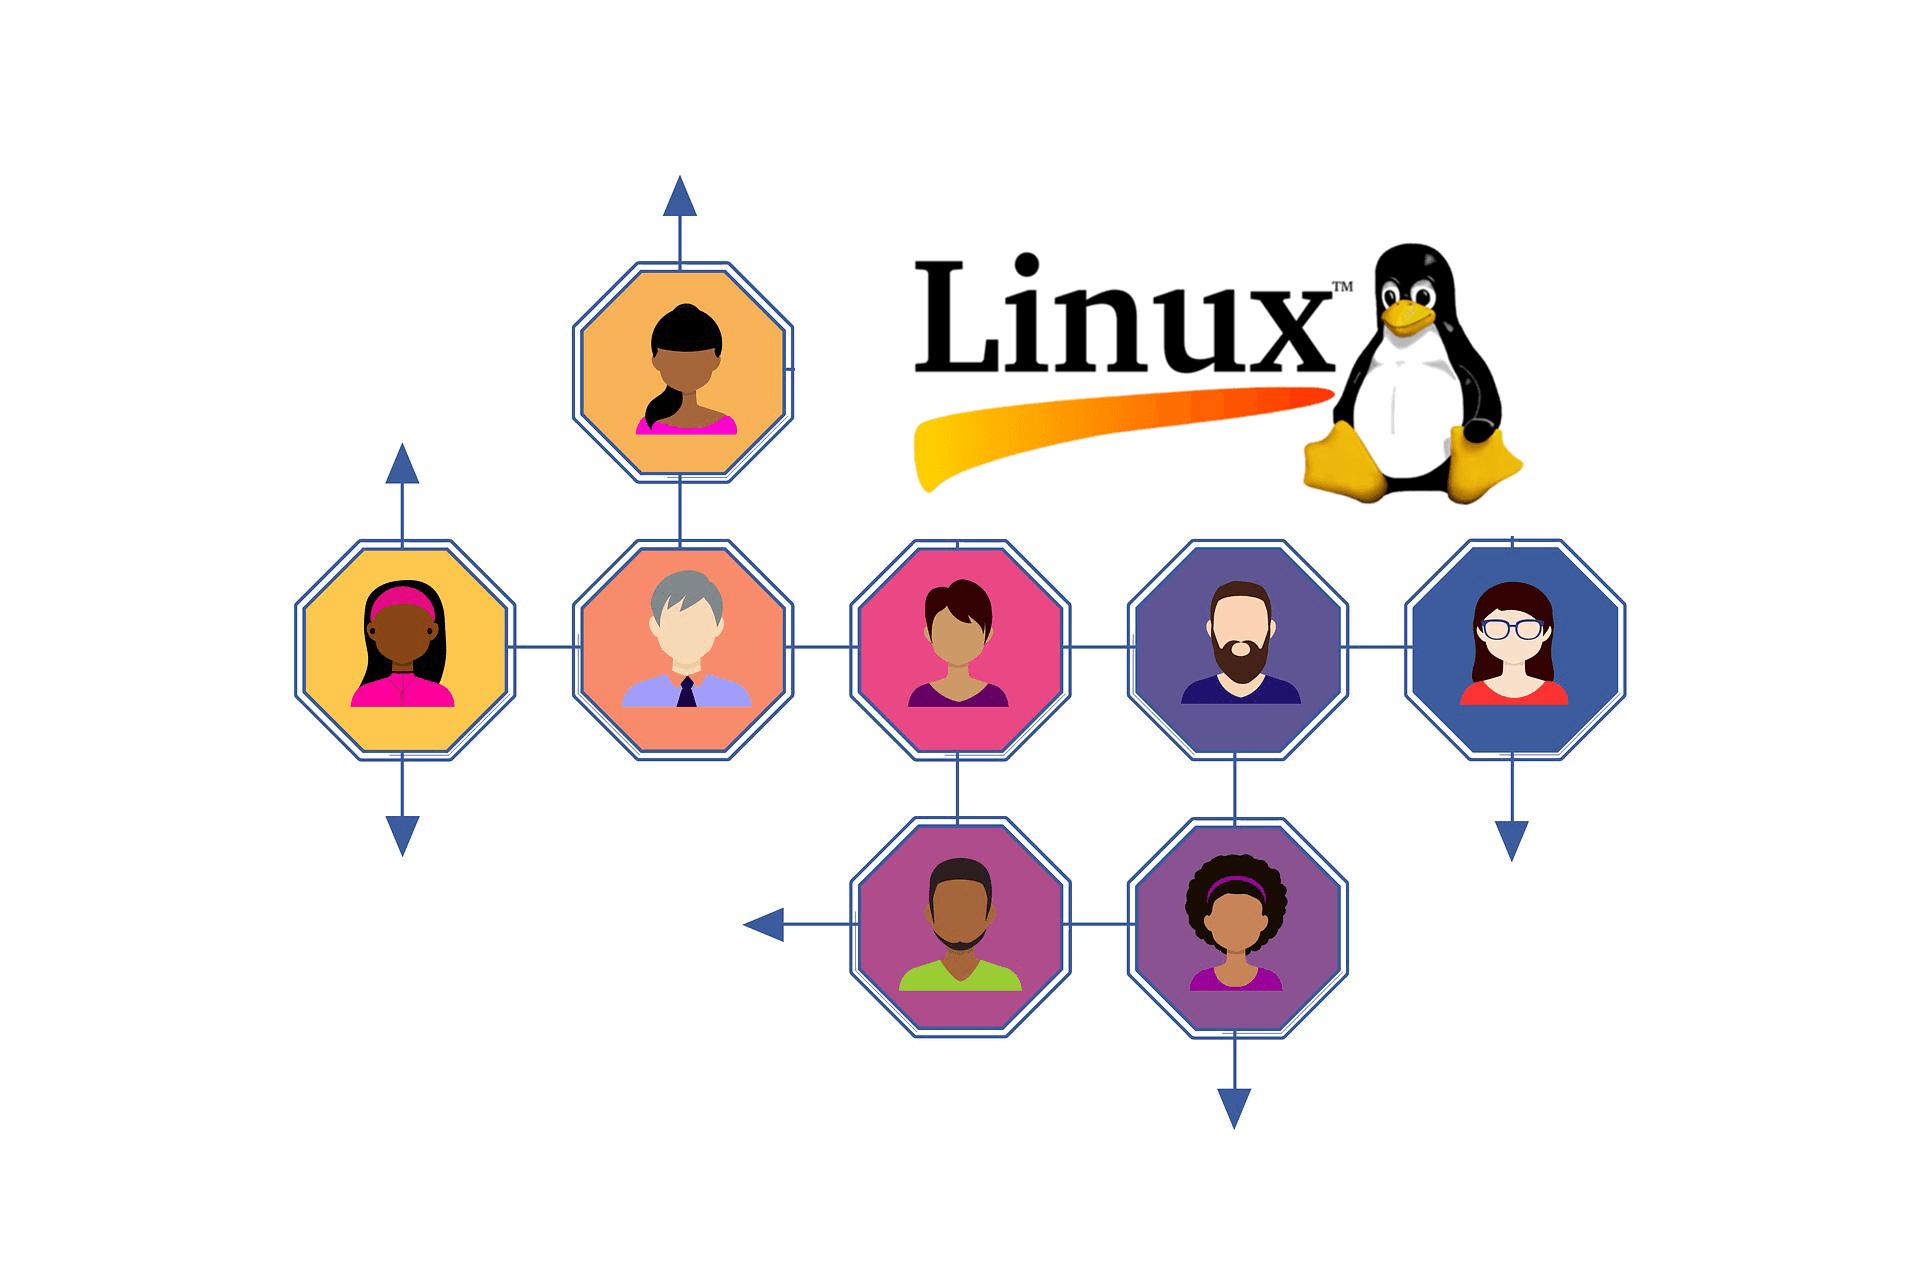 리눅스 사용자 그룹 대표이미지